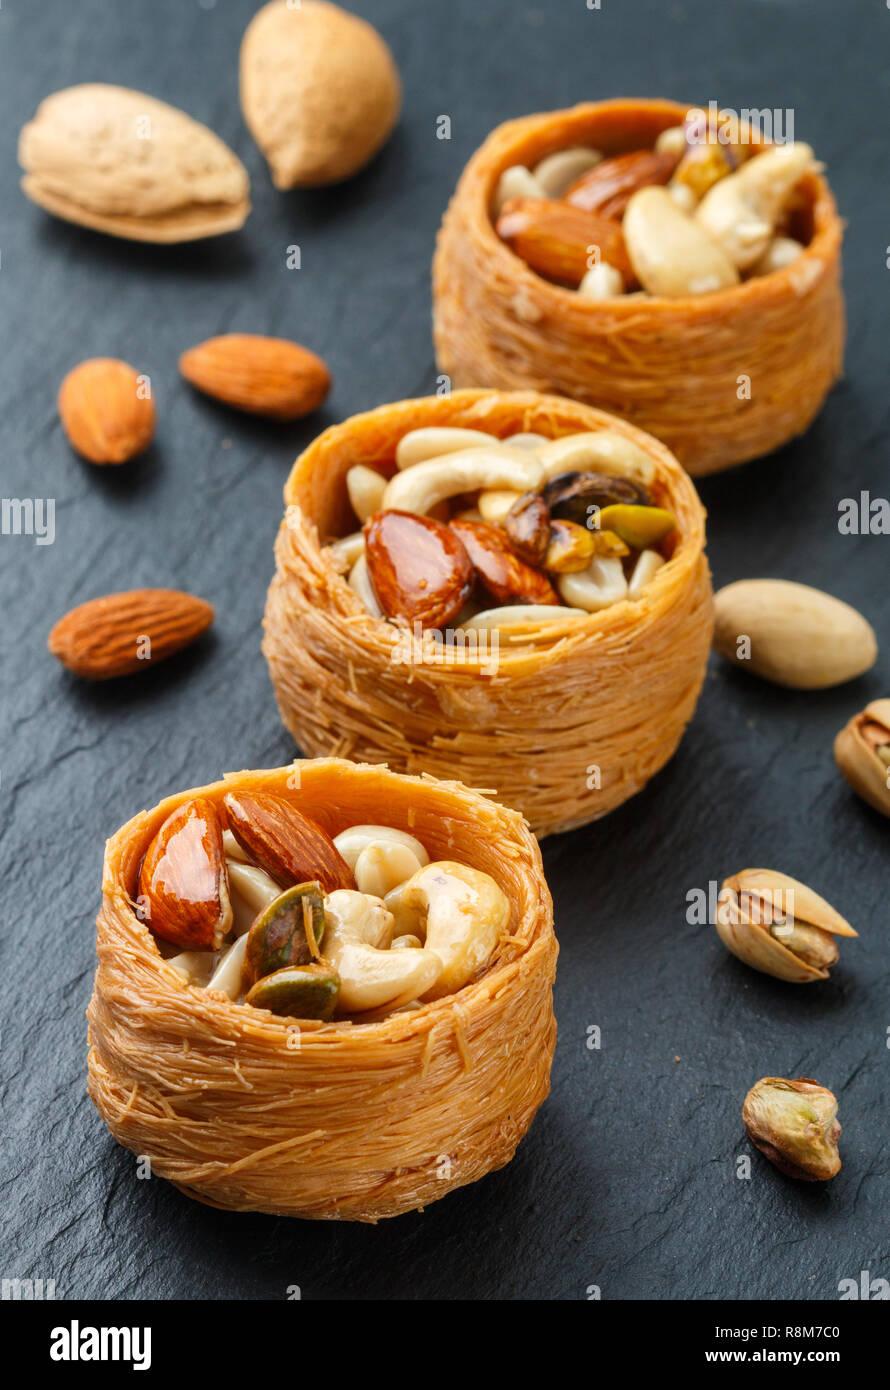 Tradicionales dulces de Oriente Medio 'nido de pájaro' en miel, jarabe con tuerca llenado - almendras, anacardos y pistachos. Baklava cerca. Un delicioso postre. S Foto de stock